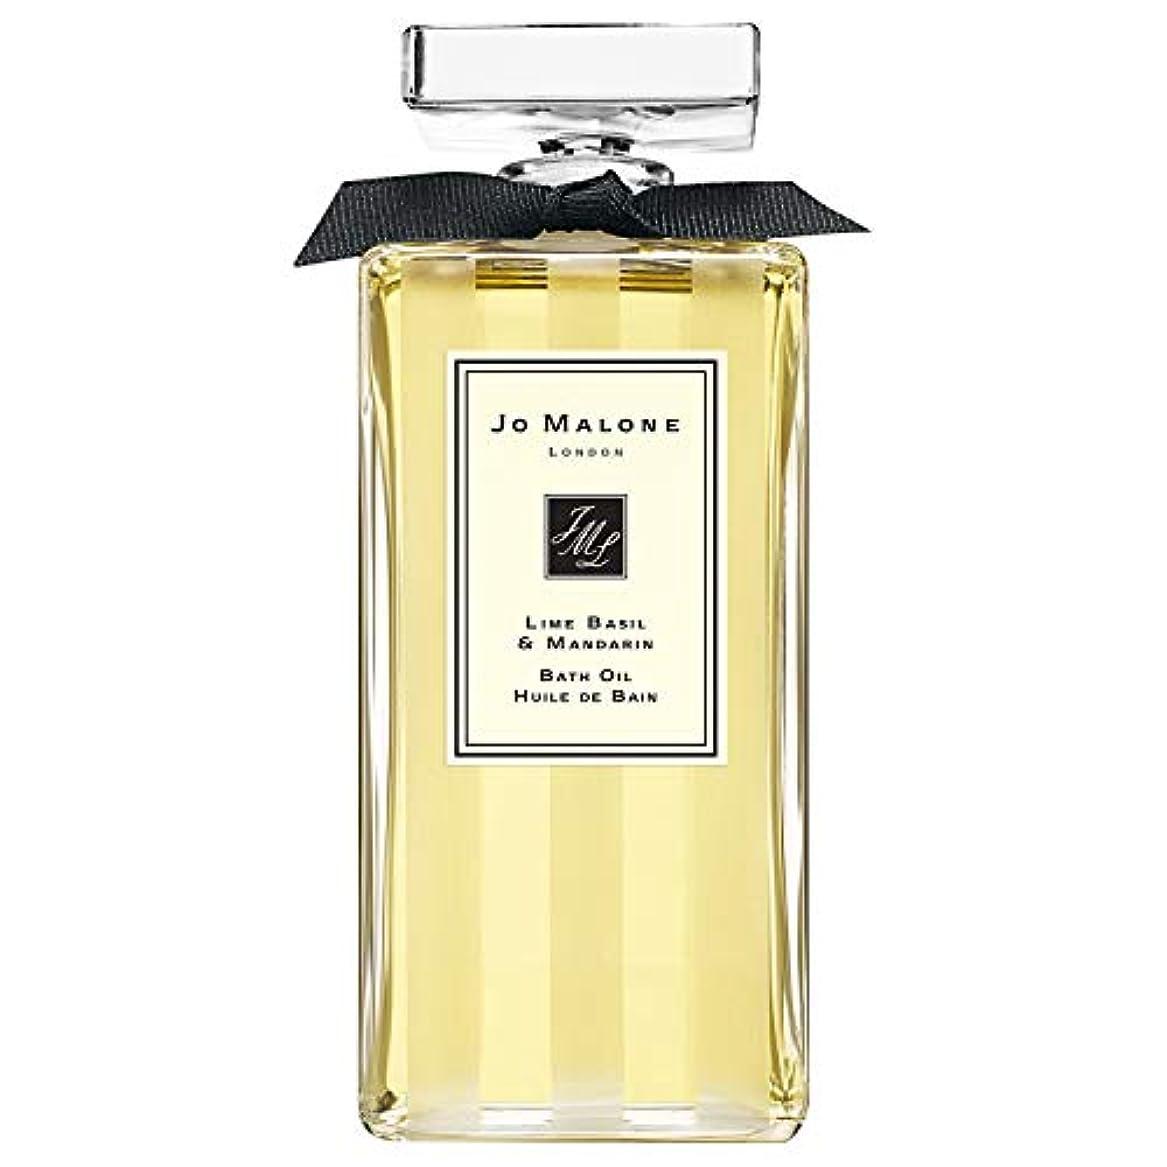 合体航空機オレンジ[Jo Malone] ジョーマローンロンドンライムバジル&マンダリンバスオイル200ミリリットル - Jo Malone London Lime Basil & Mandarin Bath Oil 200ml [並行輸入品]